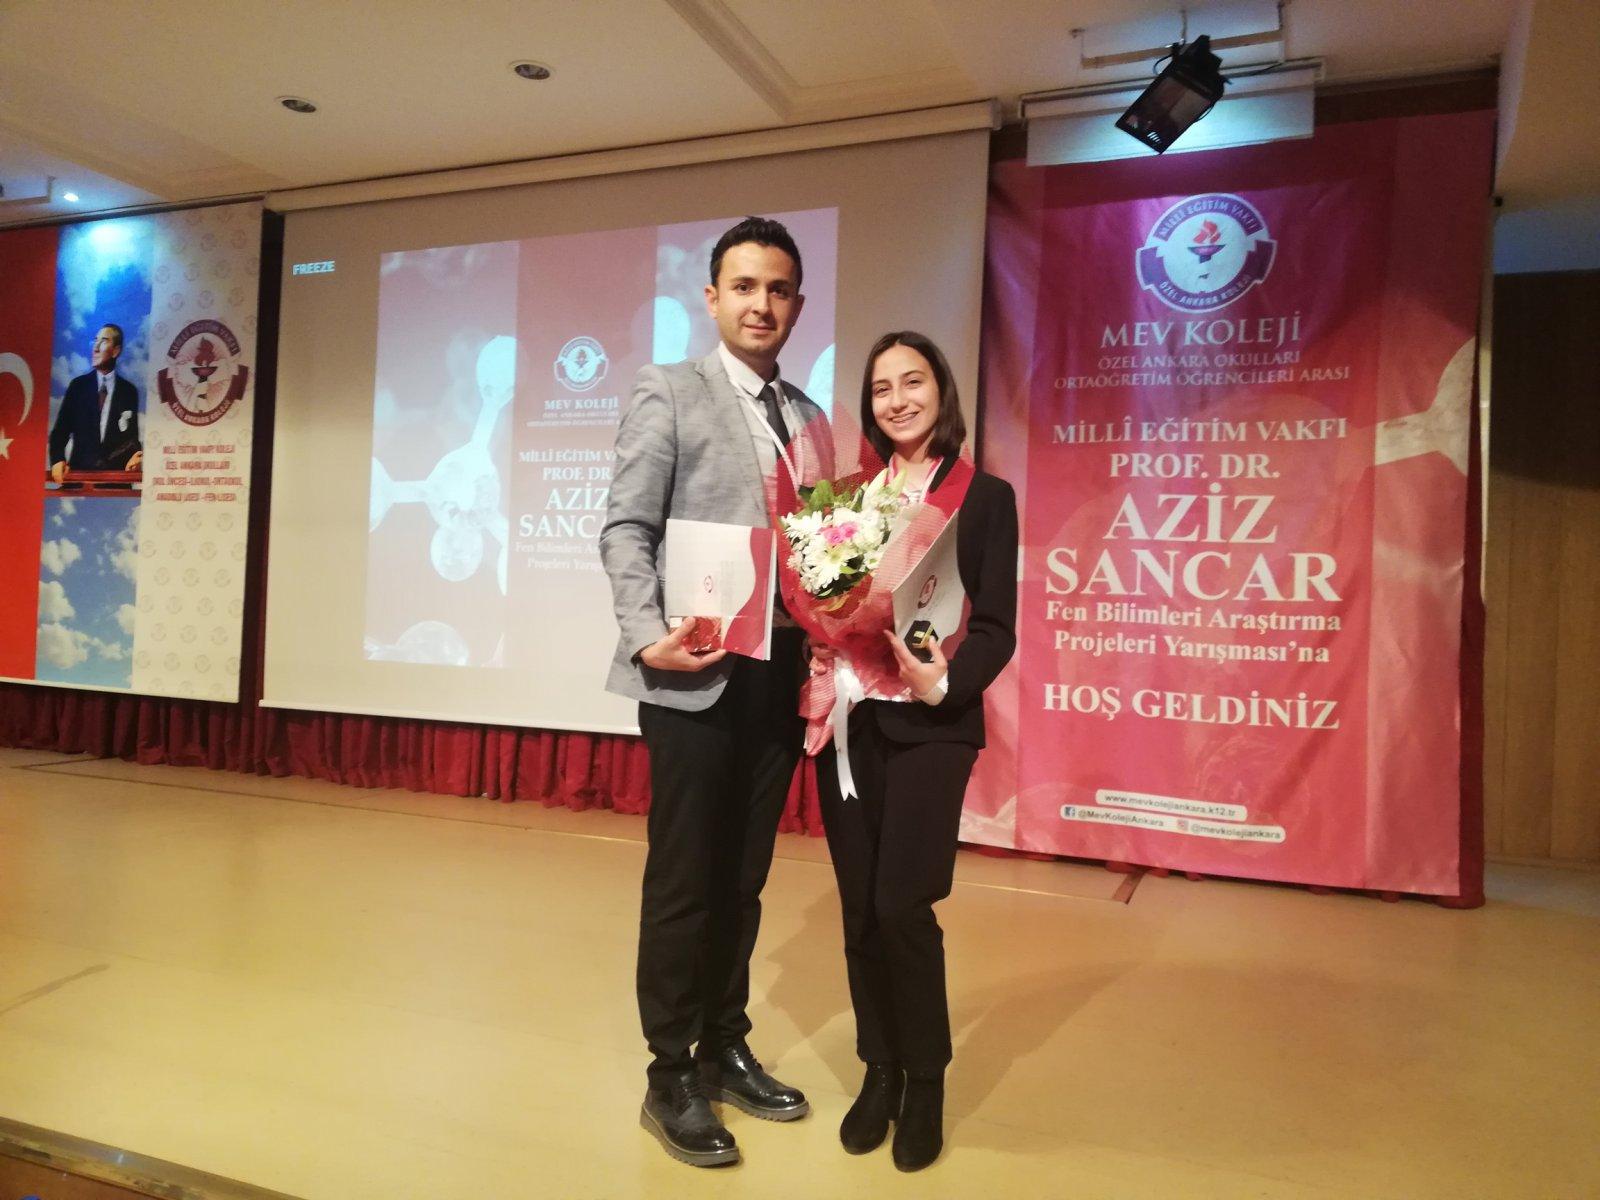 Milli Eğitim Vakfı Prof. Dr. Aziz Sancar Fen Bilimleri Araştırma Projeleri Yarışması